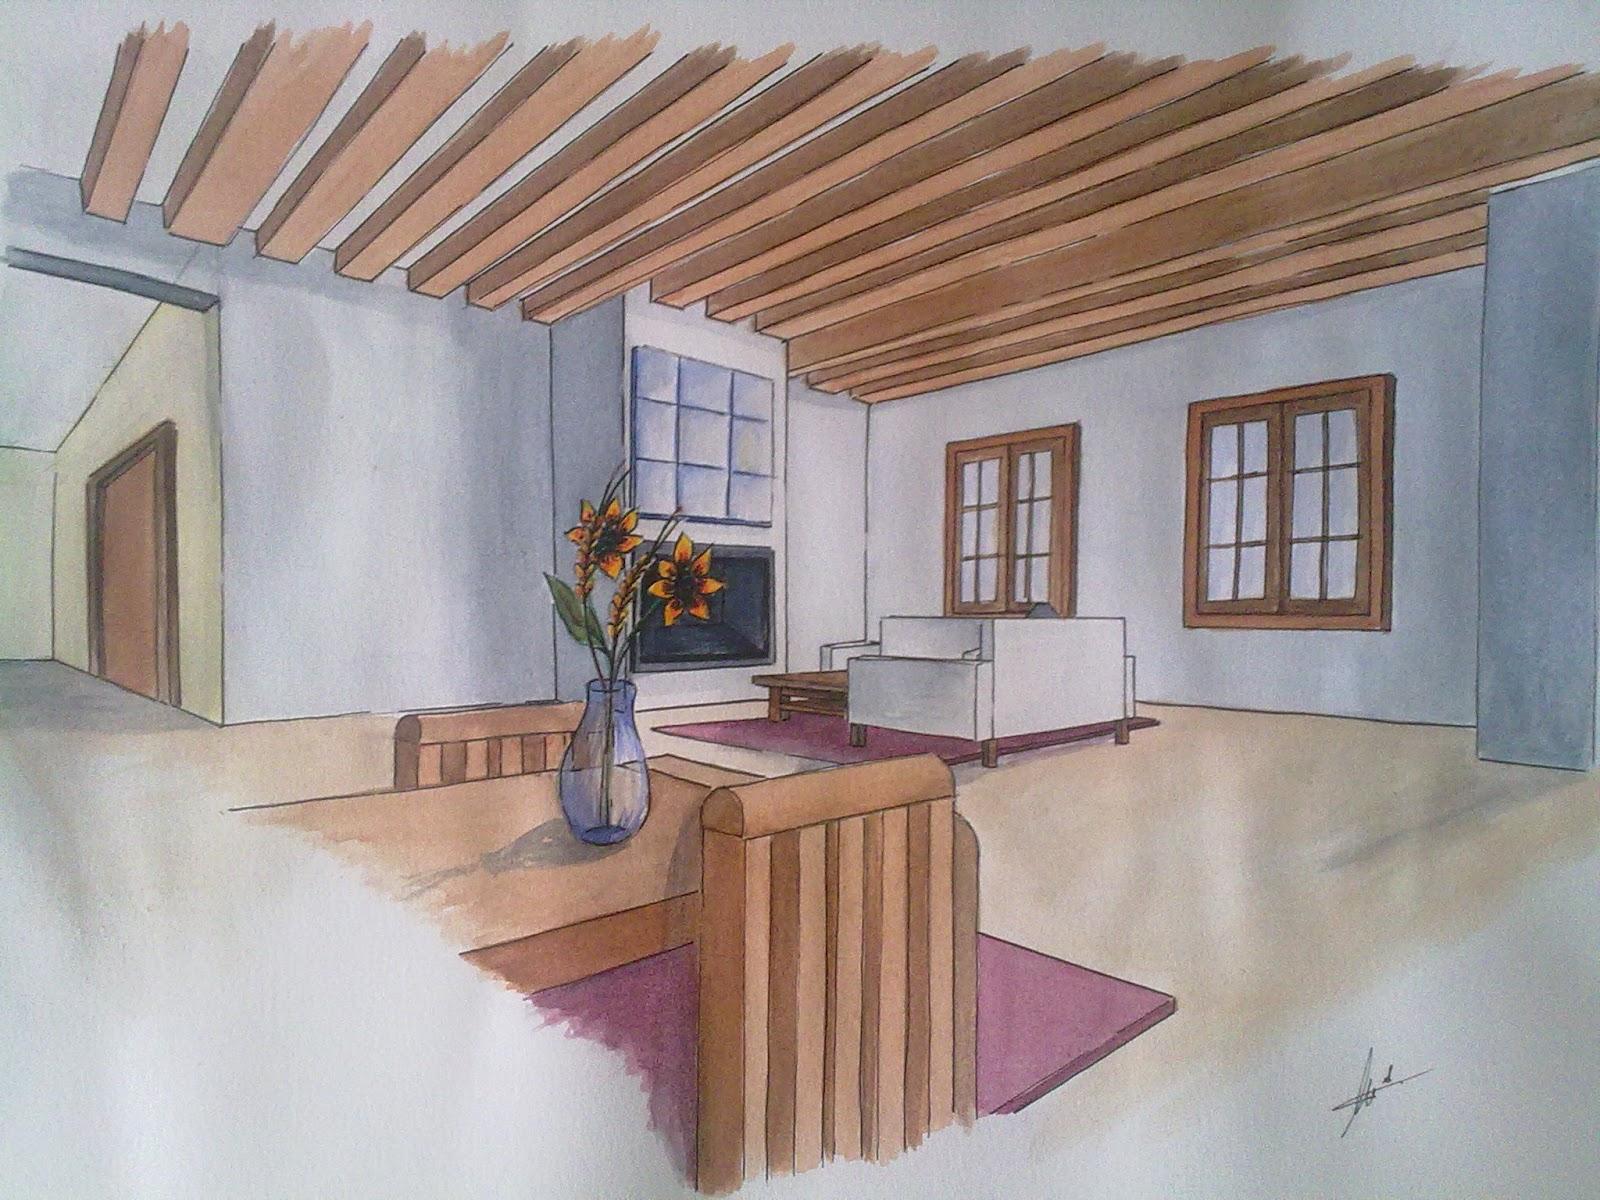 Perspectivas de mi primer dise o de interior elisabeth 39 s for Diseno de interiores dibujos